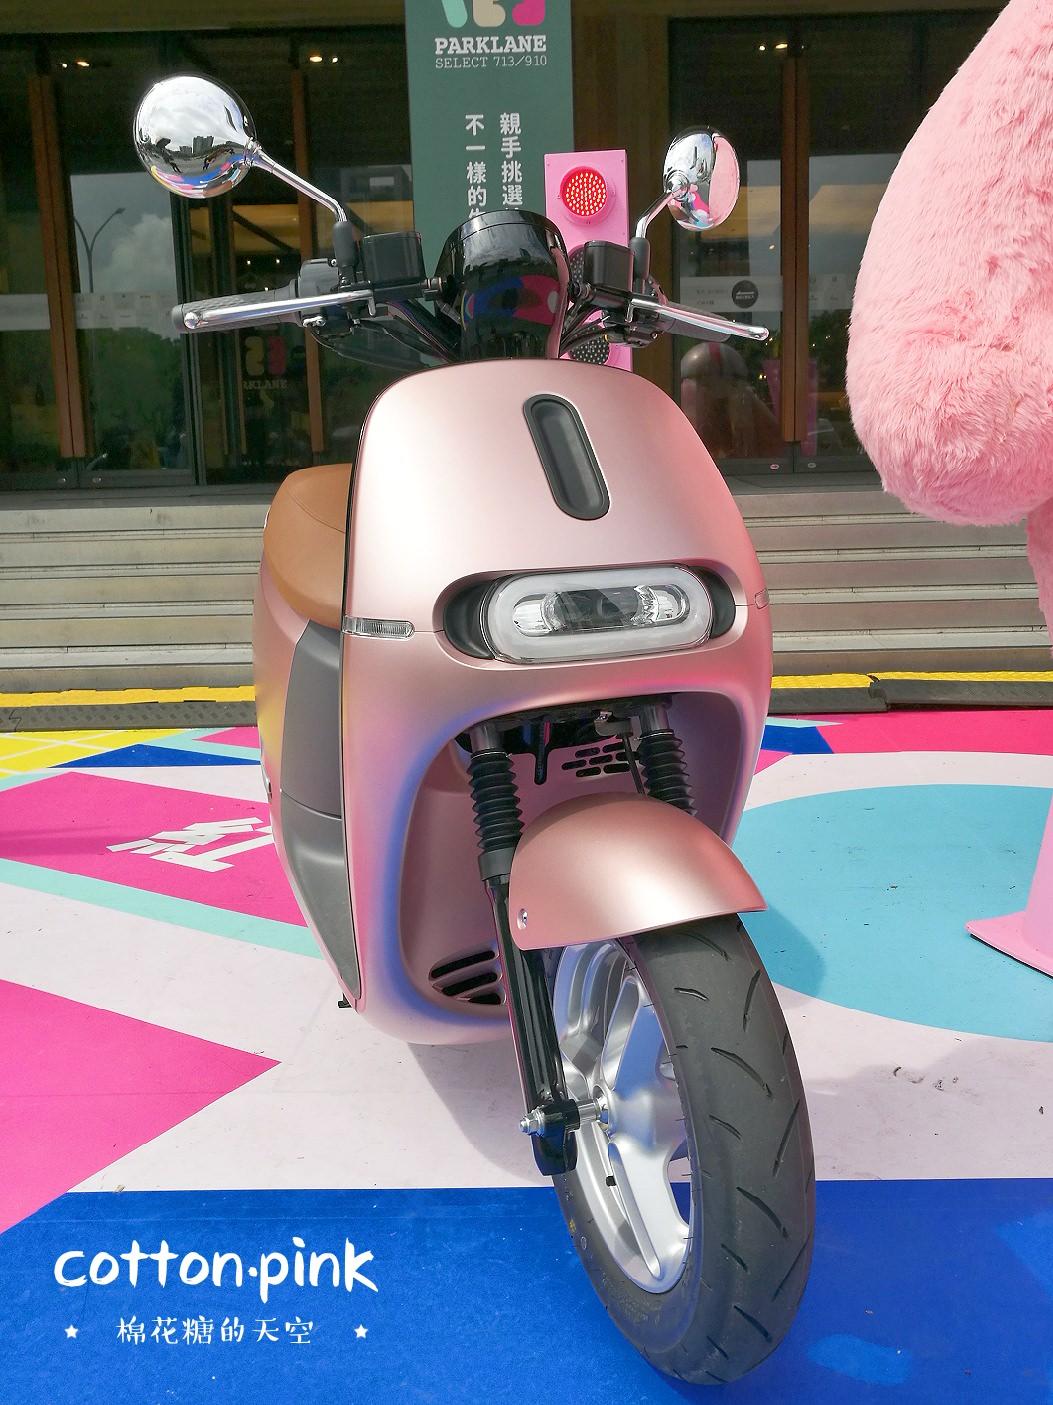 20180822163001 7 - 勤美最新打卡景點│粉紅色毛毛怪獸只到9月2日,gogoro粉紅突襲巡迴試騎